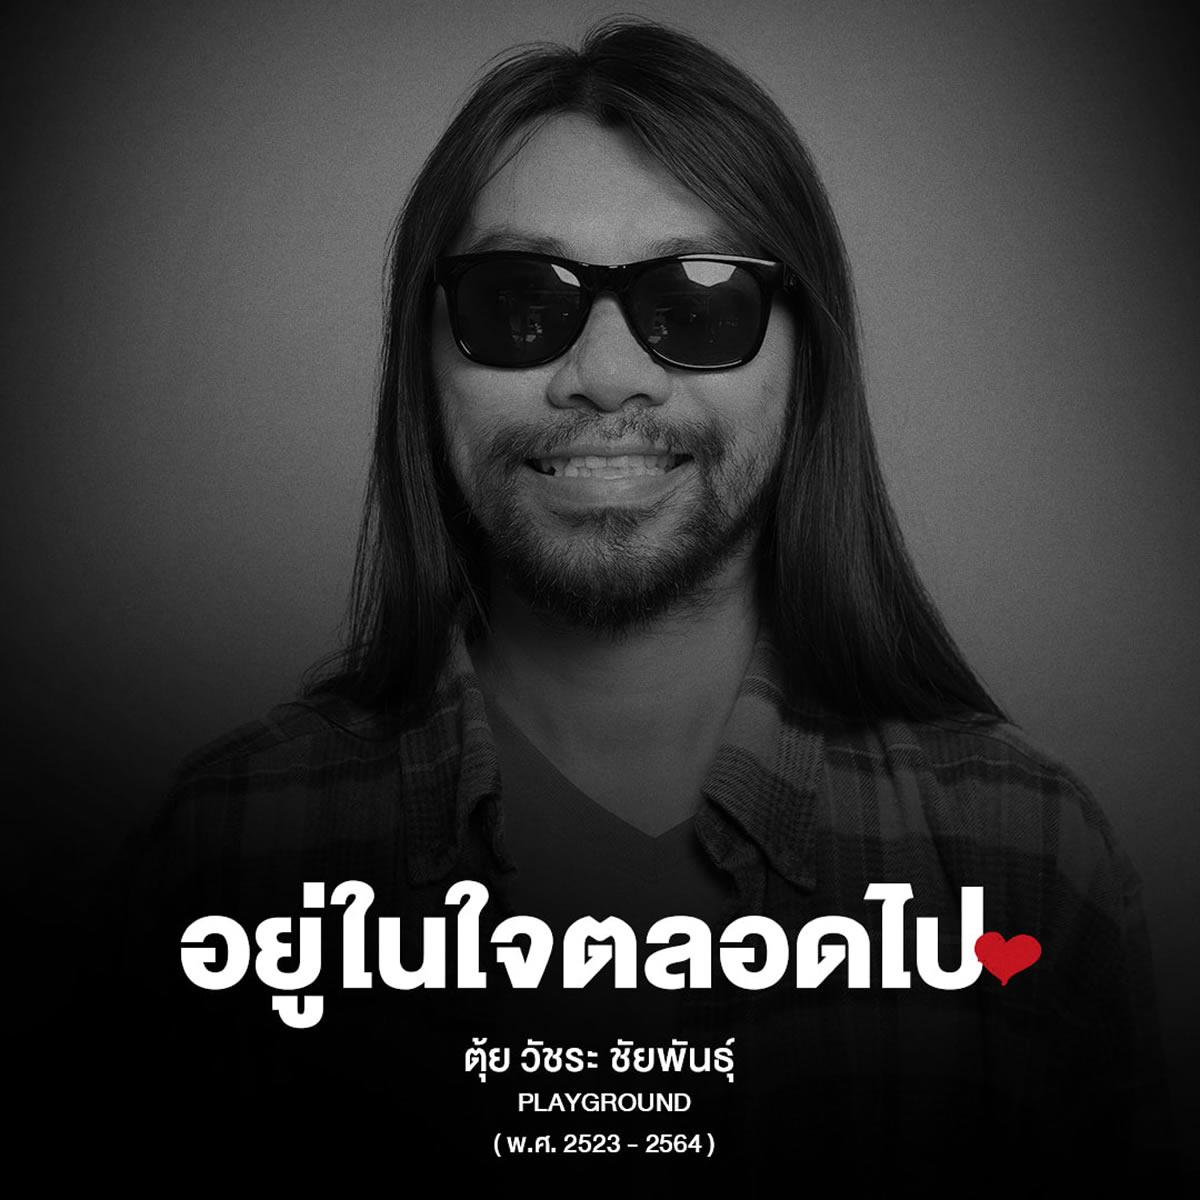 タイのオルタナティブロックバンド「Playground」のトゥイさんが交通事故死